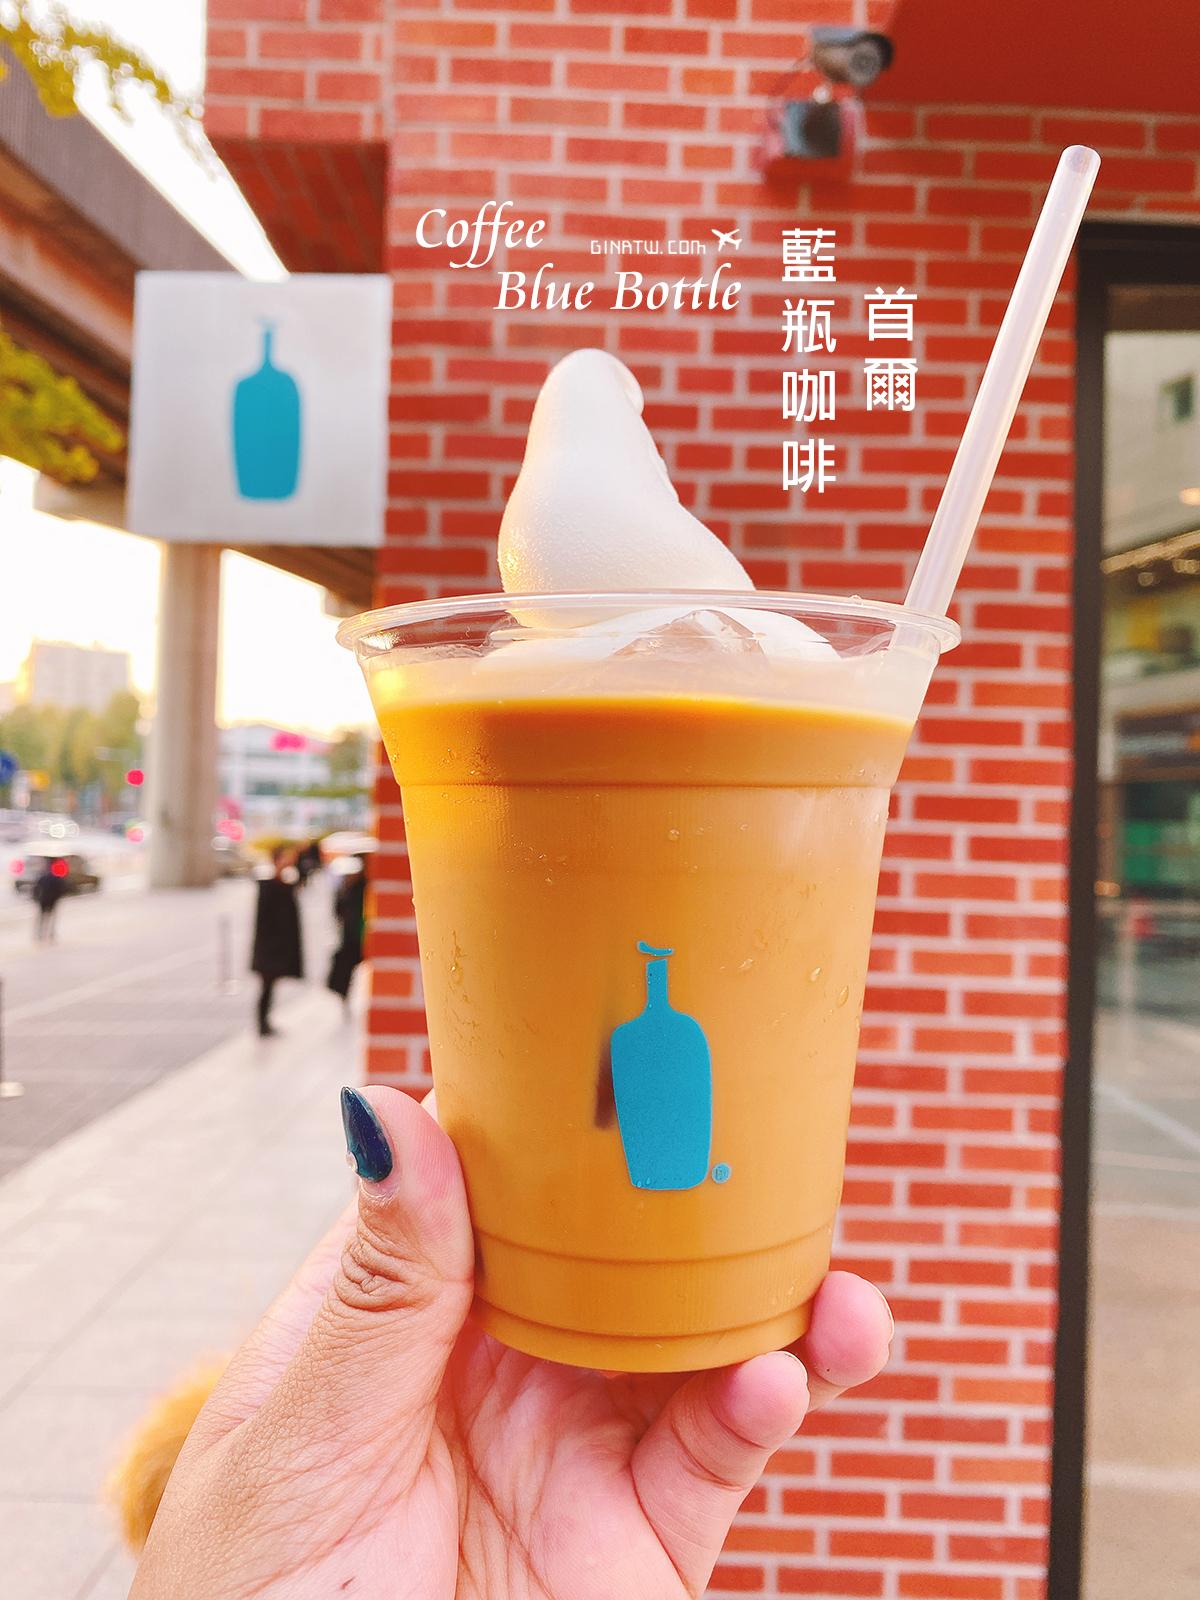 【首爾藍瓶咖啡】Blue Bottle Coffee|聖水、三清洞、狎鷗亭、江南 1.2.3.4號分店|菜單地圖、韓國所有分店地址、營業資訊 @GINA環球旅行生活